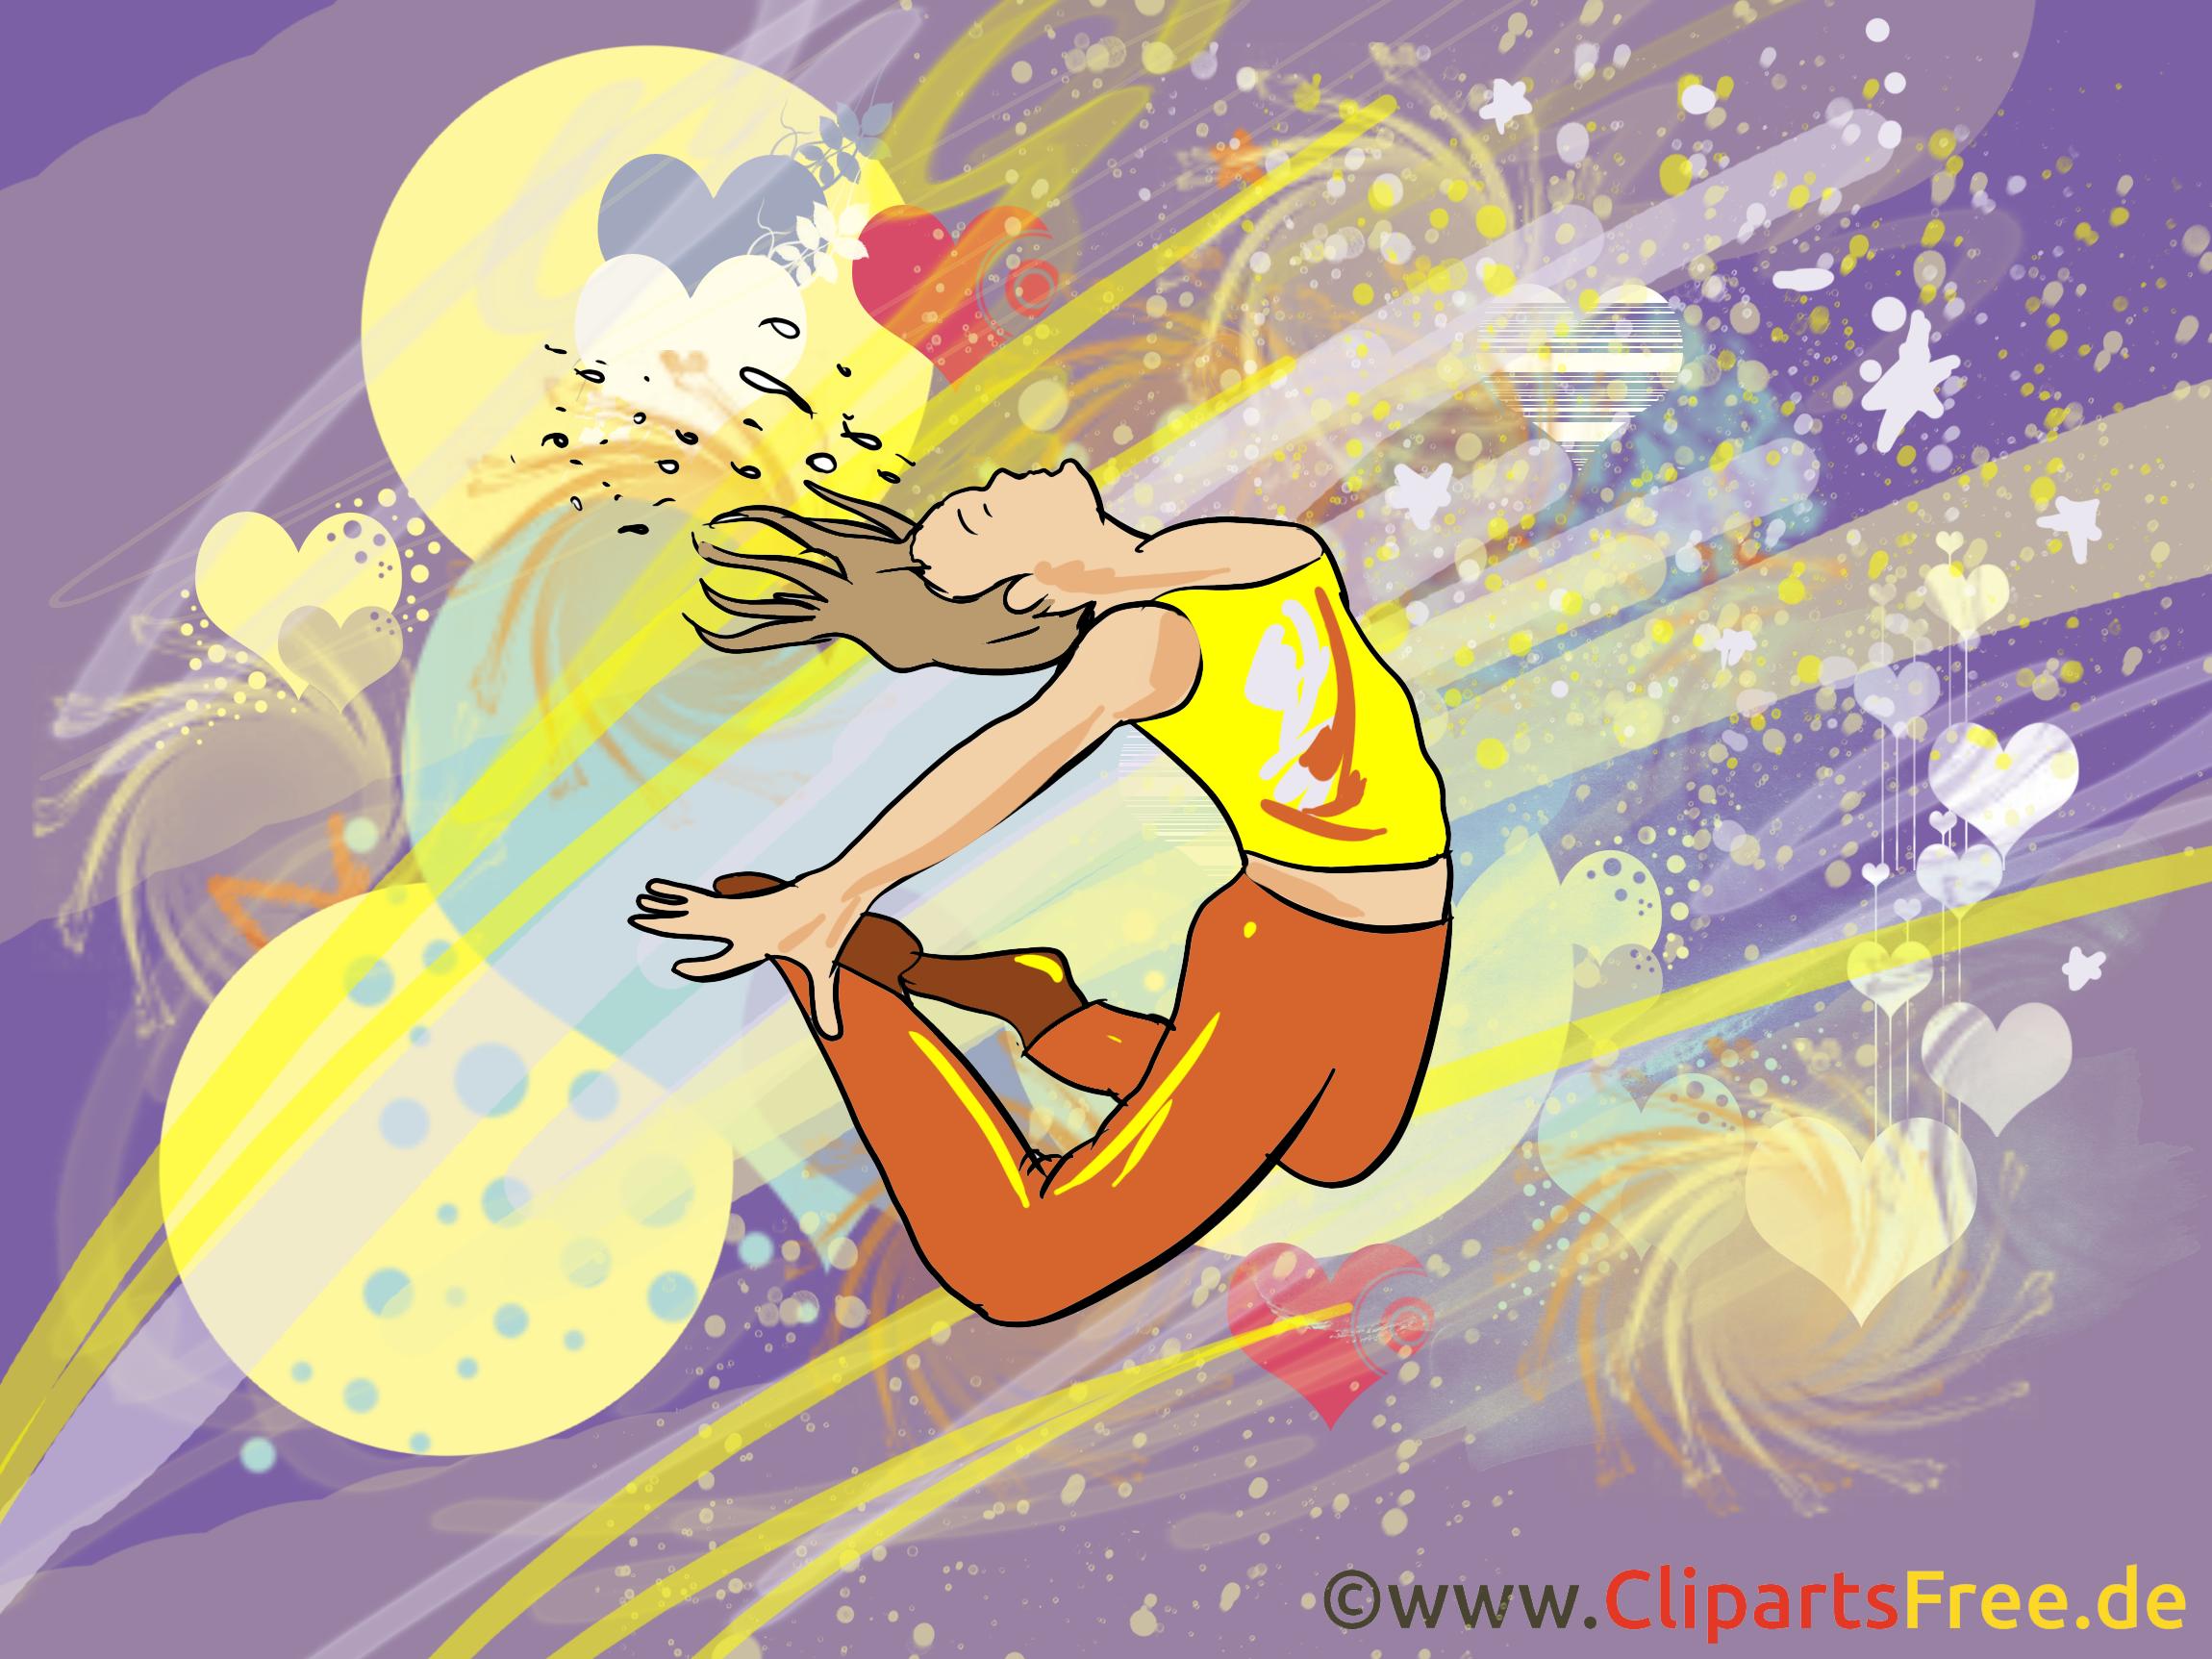 Danse images - Disco dessins gratuits